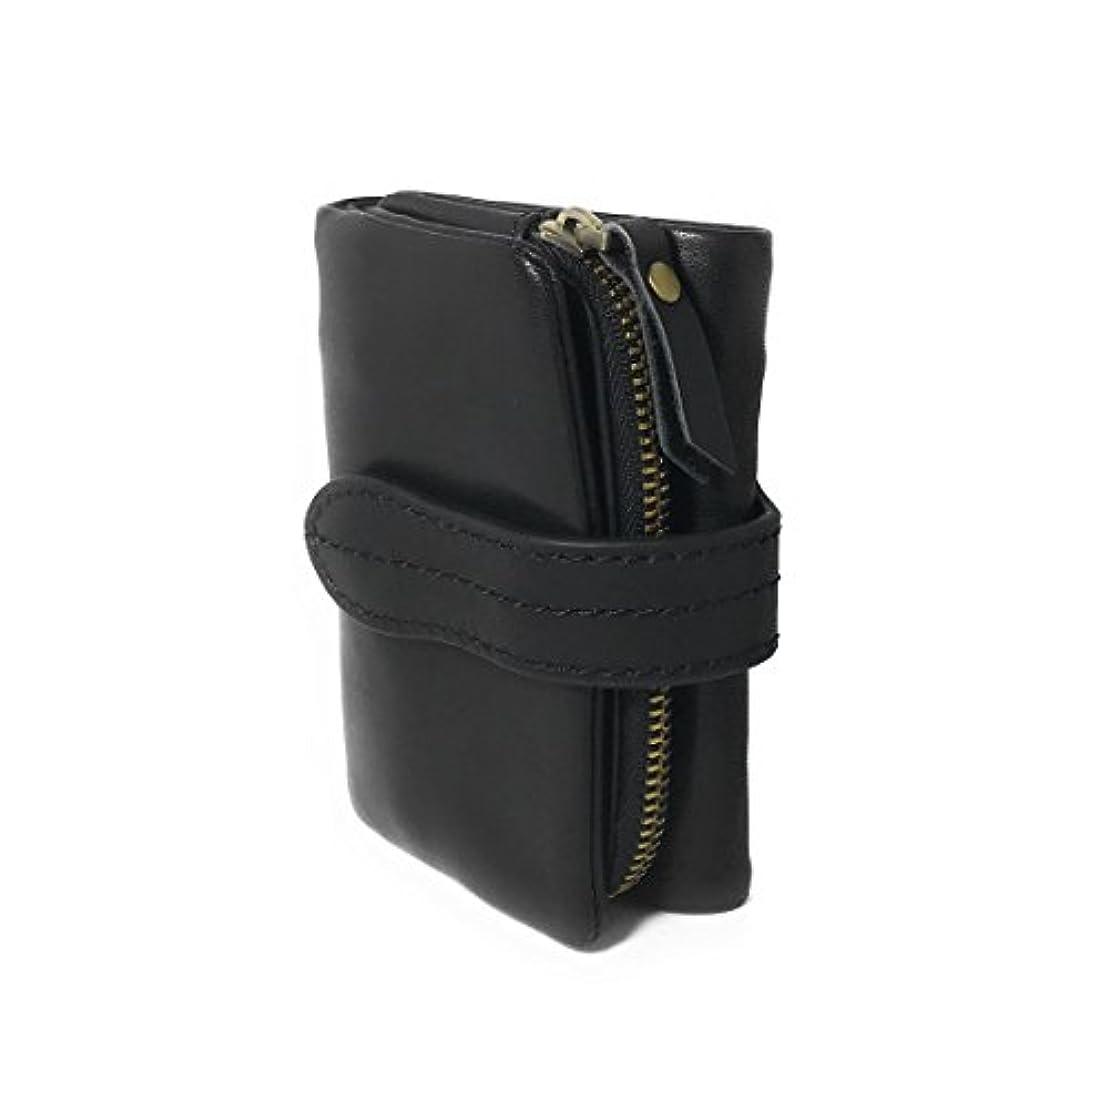 測定ペースト連結する[リグラル] 財布 メンズ レディース 三つ折り ソフト レザー コンパクト 本革